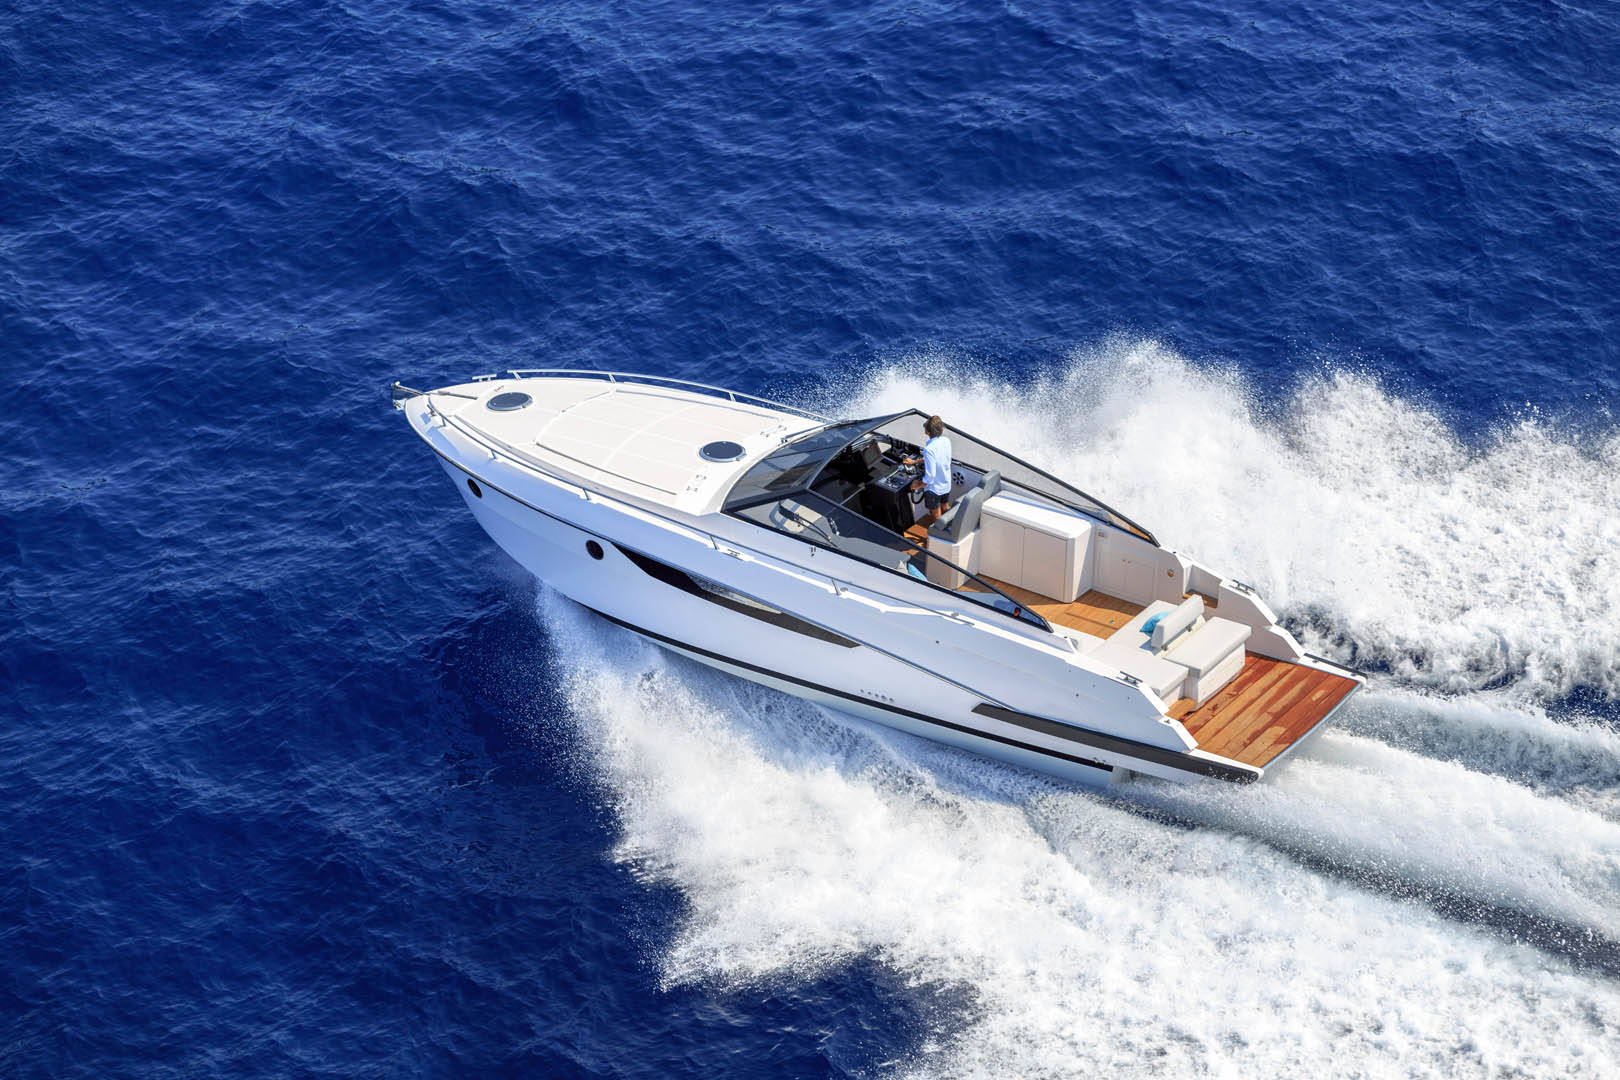 Motorbåt 13fot og 4hk